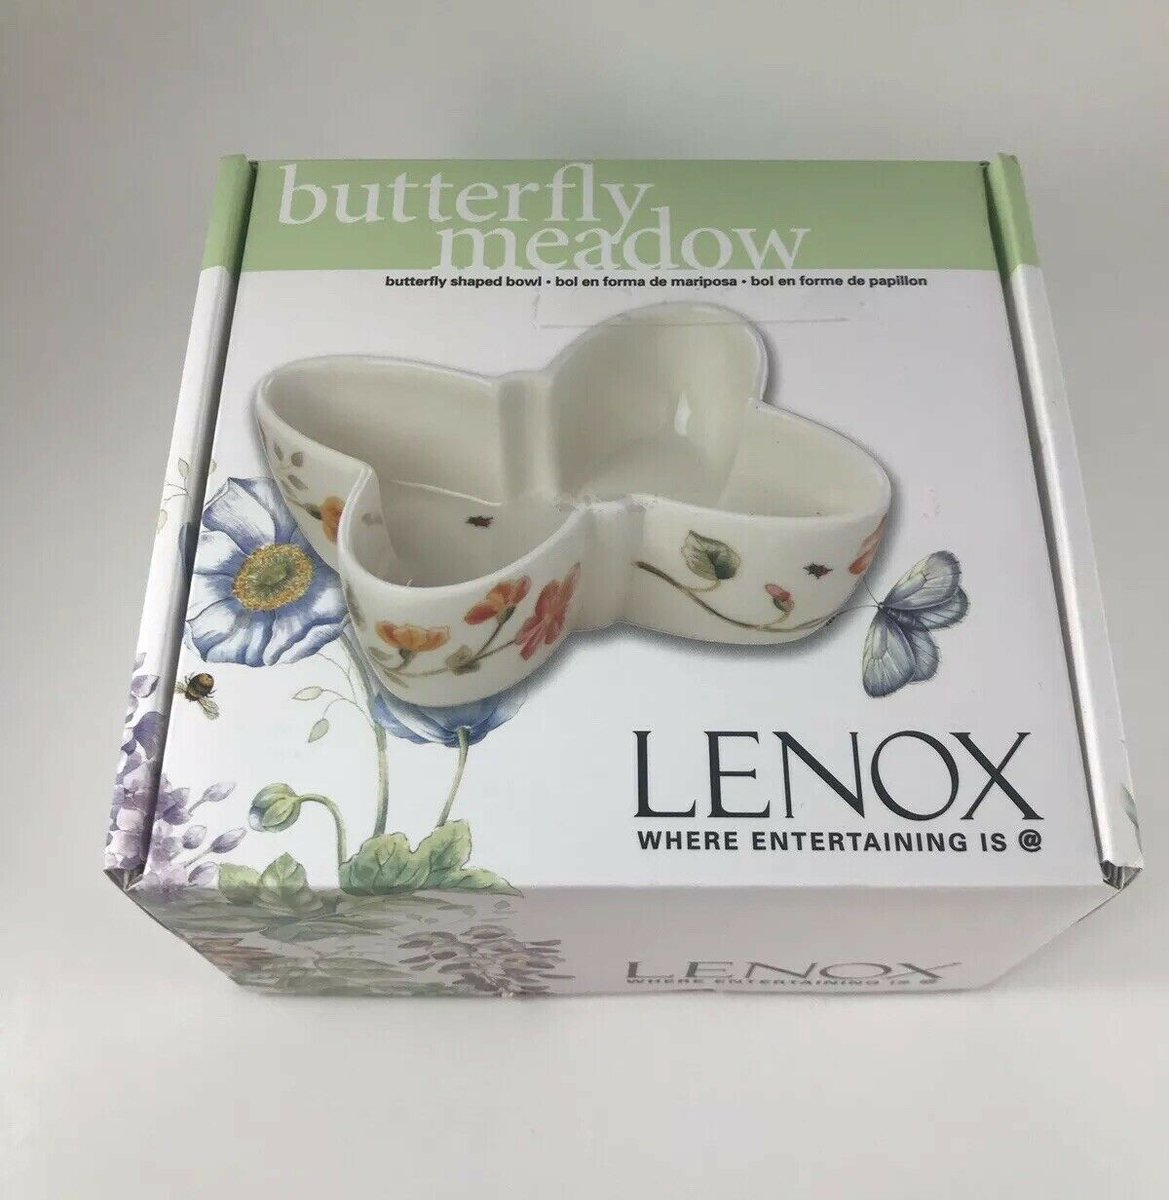 Lenox Butterfly Meadow Butterfly Bowl Lenox Butterfly Shaped Bowl NEW  https://www.ebay.com/itm/Lenox-Butterfly-Meadow-Butterfly-Bowl-Lenox-Butterfly-Shaped-Bowl-NEW/193151515942?hash=item2cf8ba3d26:g:i5gAAOSwQmRc3aqx…  #lenox #butterflymeadow #spring #butterfly #butterflies #newpic.twitter.com/jJOJKt3TQL